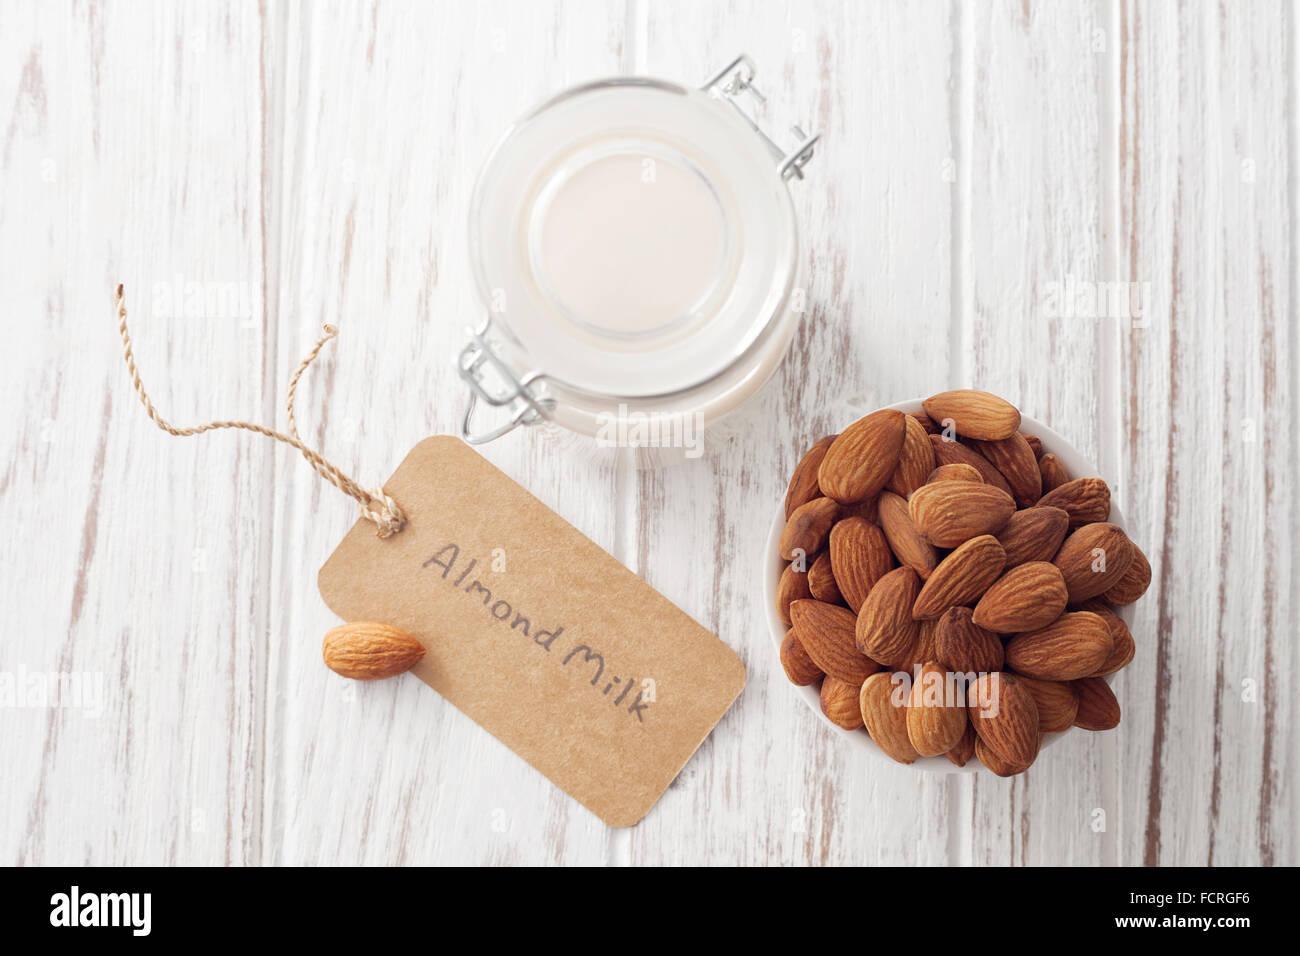 Bio au lait d'amande noix sain végétarien végétalien verre fond blanc bois rustique en teck Photo Stock